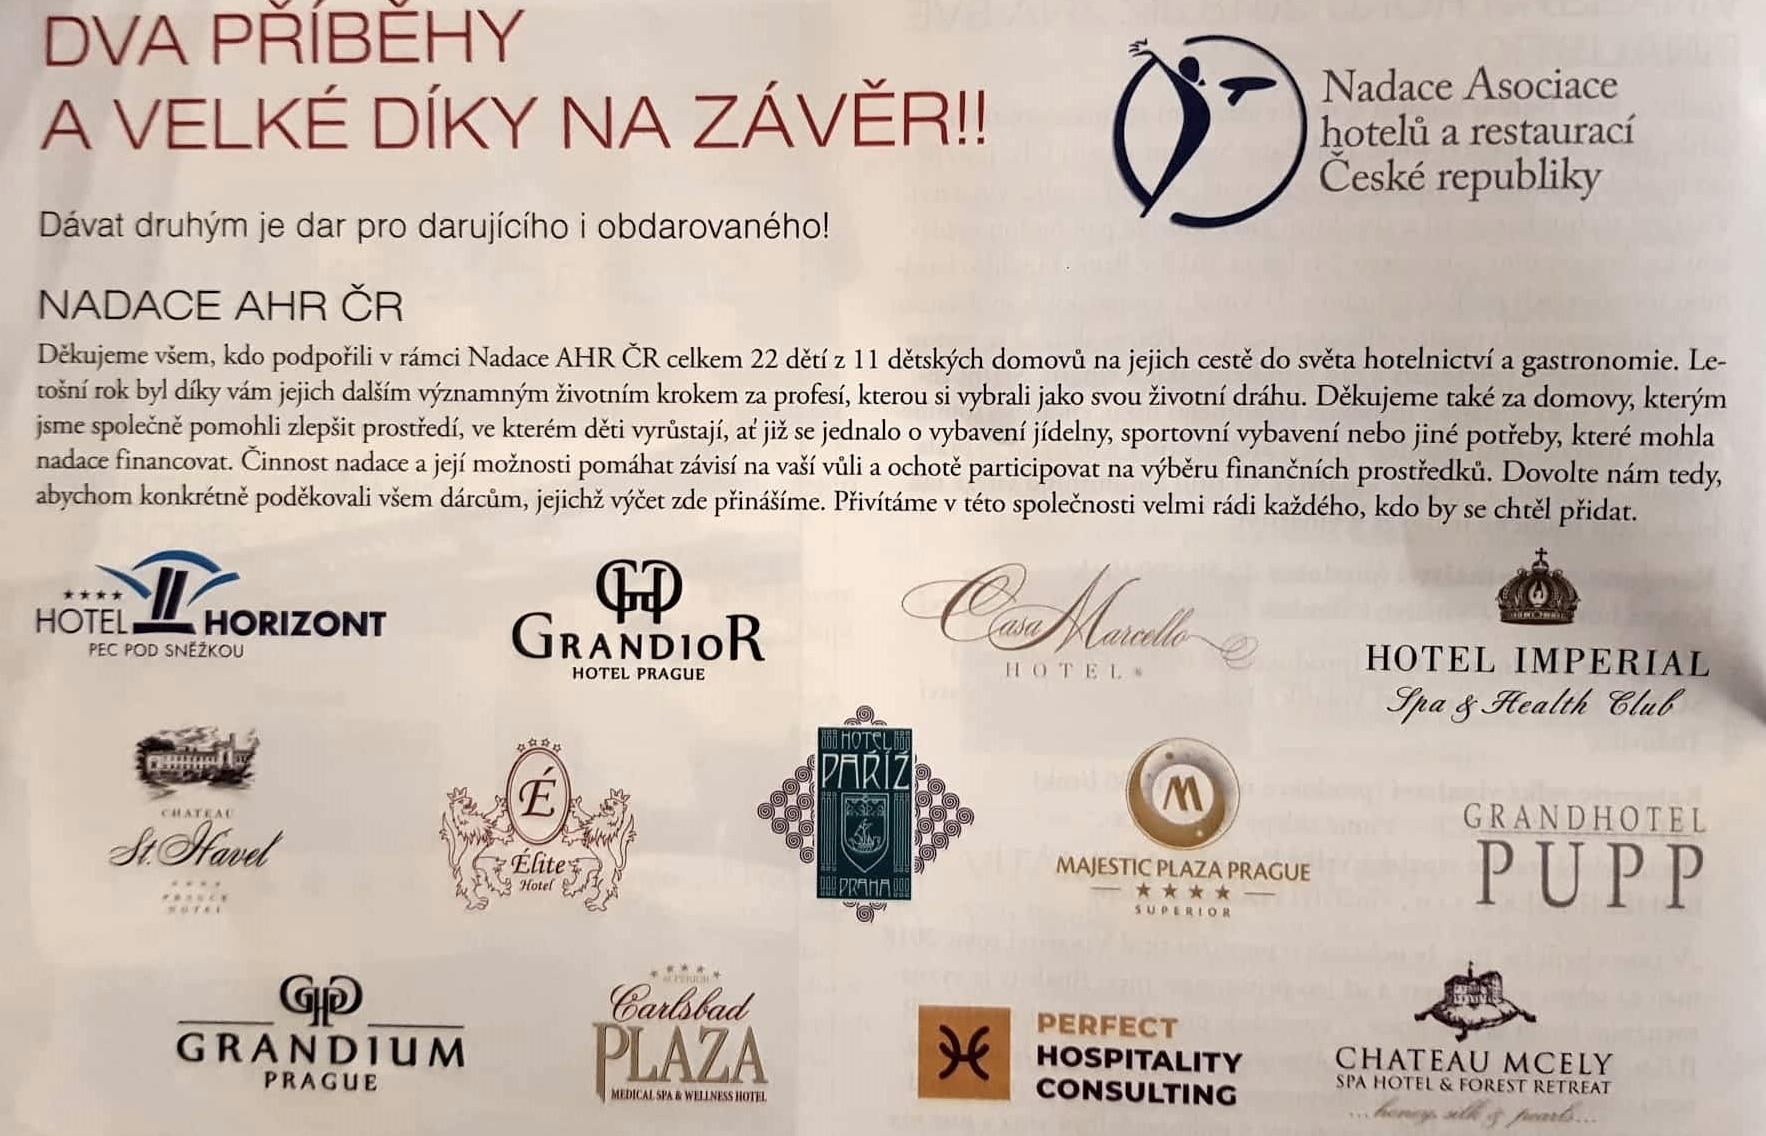 Poděkování Nadace AHR ČR